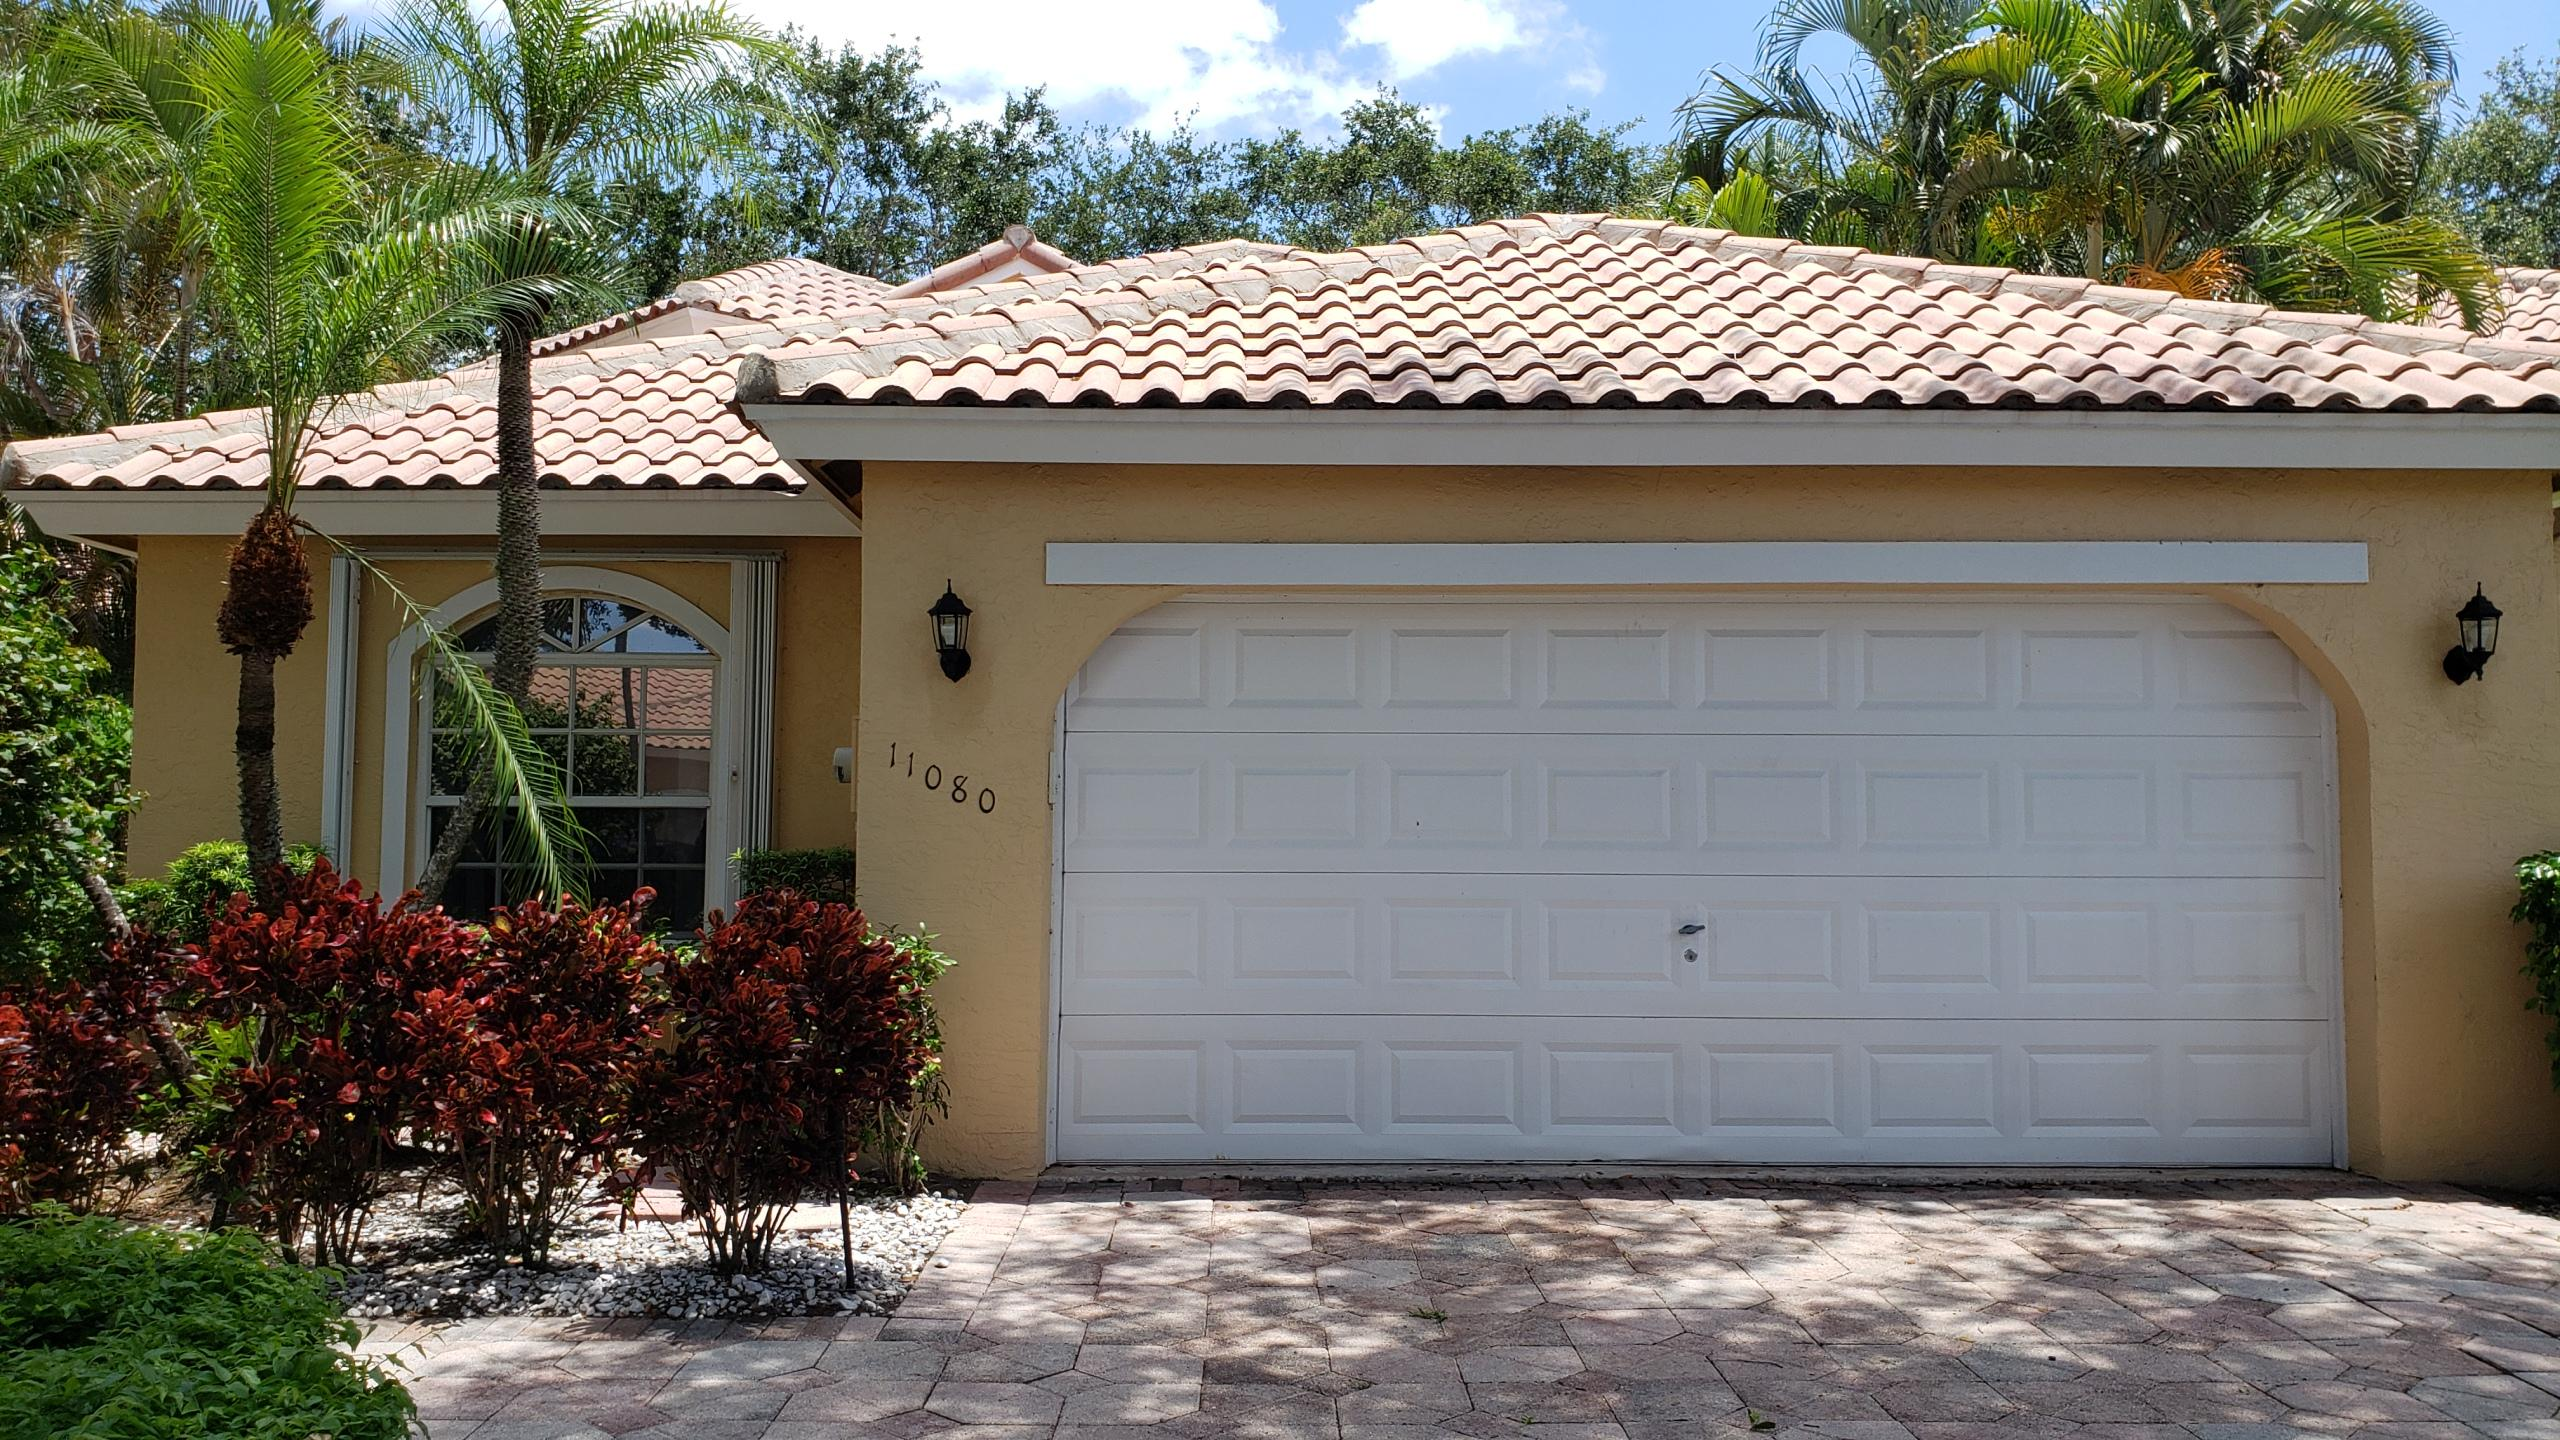 11080 Springbrook Circle  Boynton Beach, FL 33437